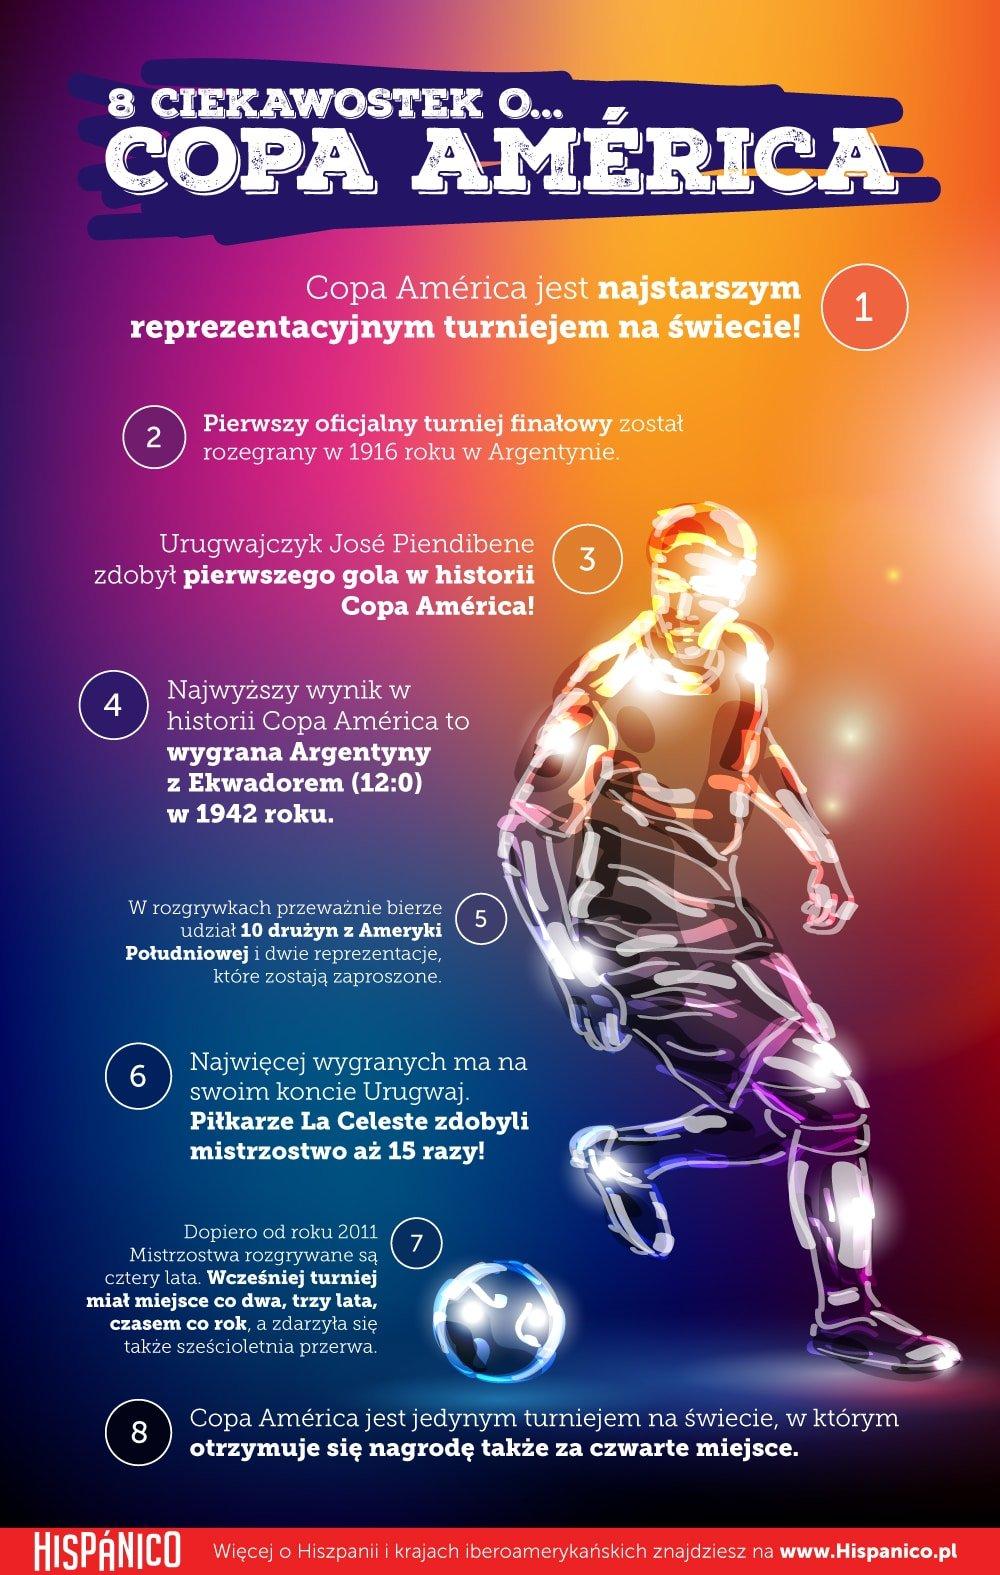 8 ciekawostek o Copa América // Hispanico.pl